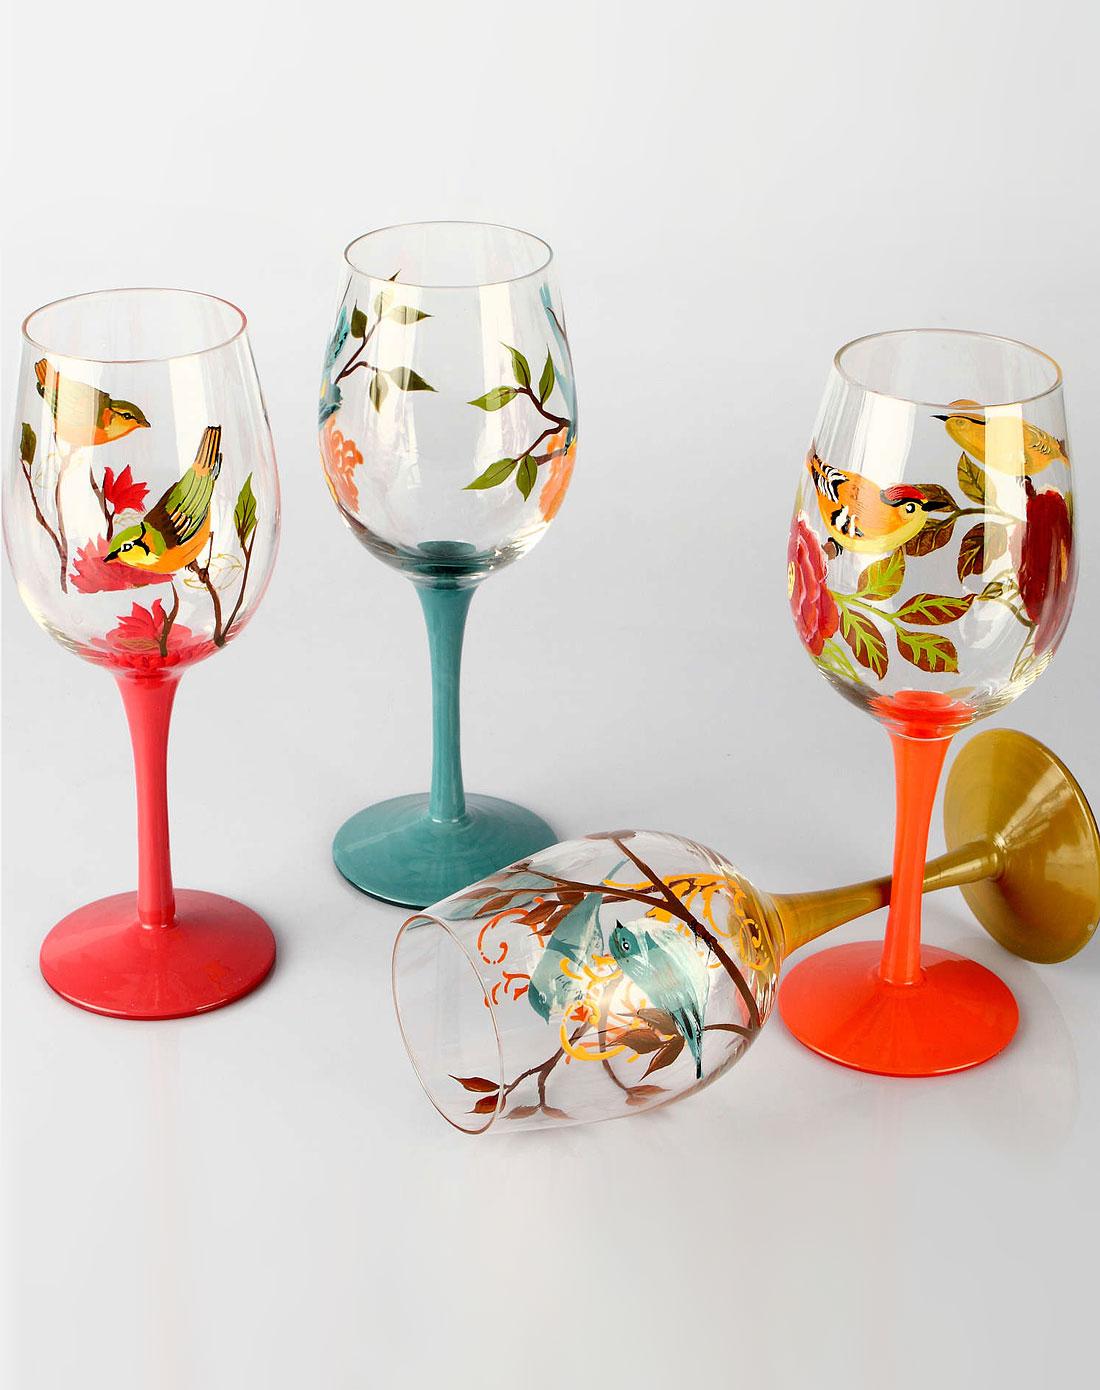 鸟语花香手绘玻璃红酒杯四件套